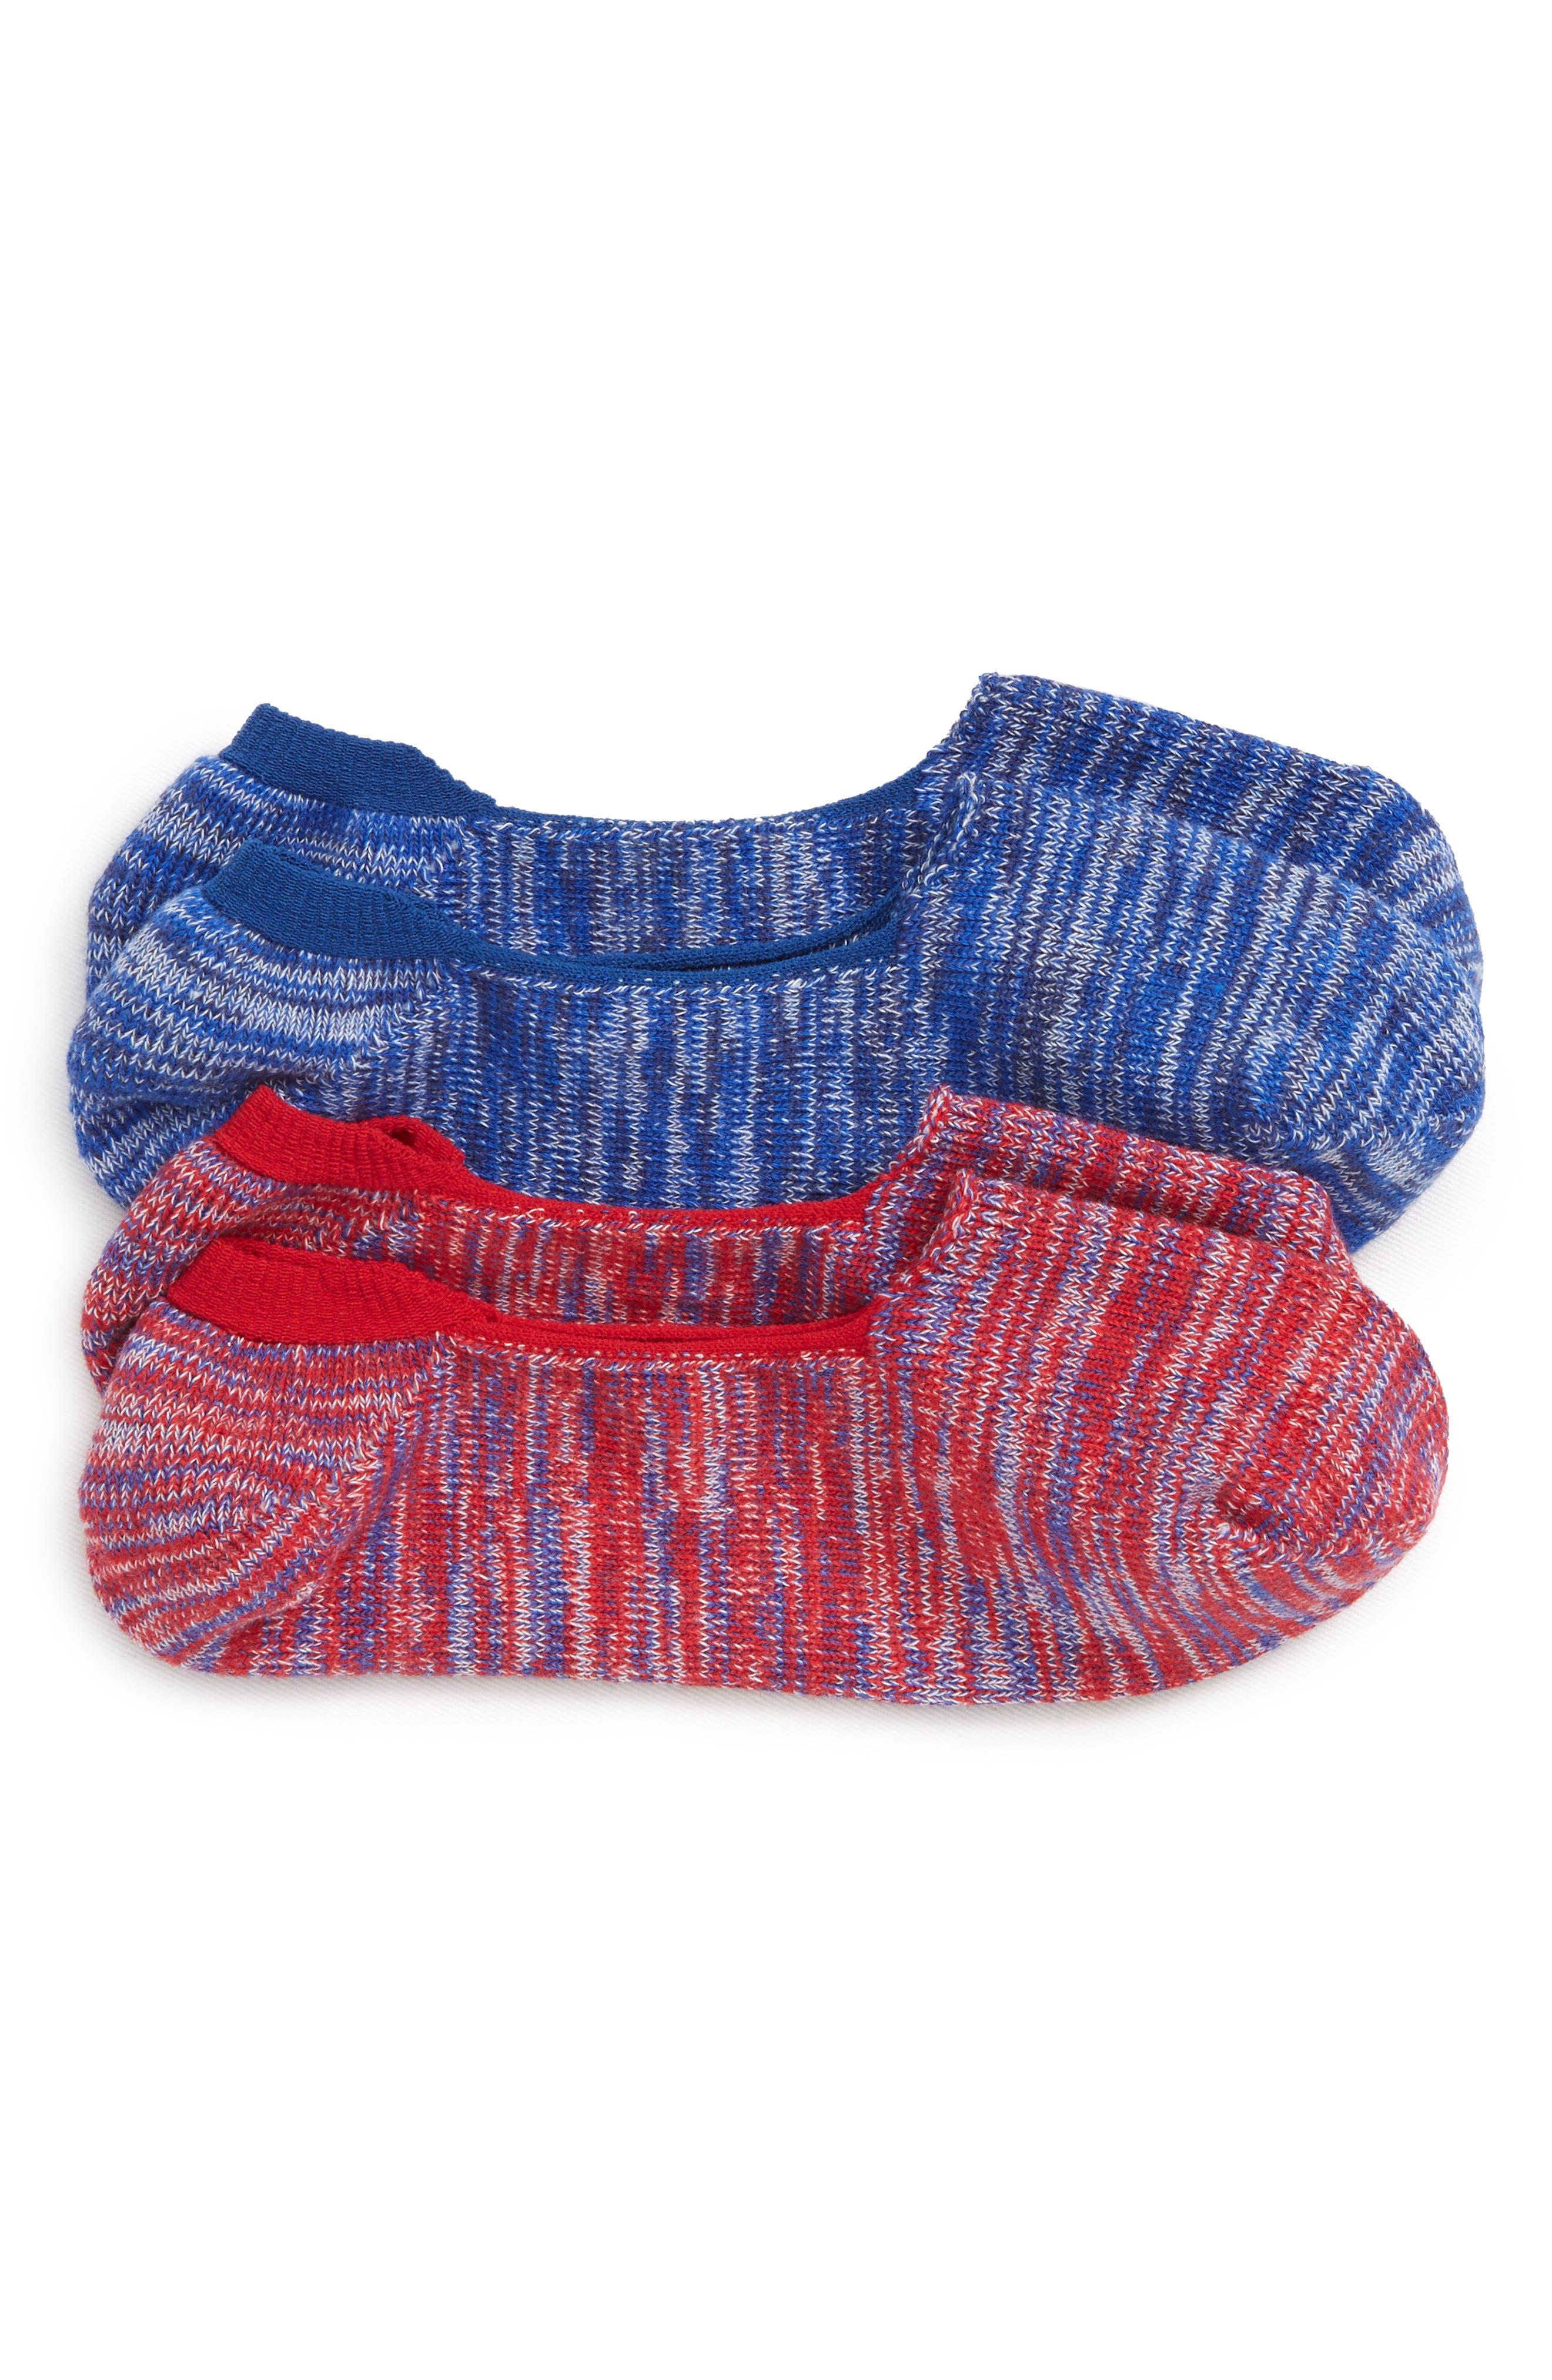 2-Pack Marl Loafer Liner Socks,                         Main,                         color, Red Marl/ Navy Marl